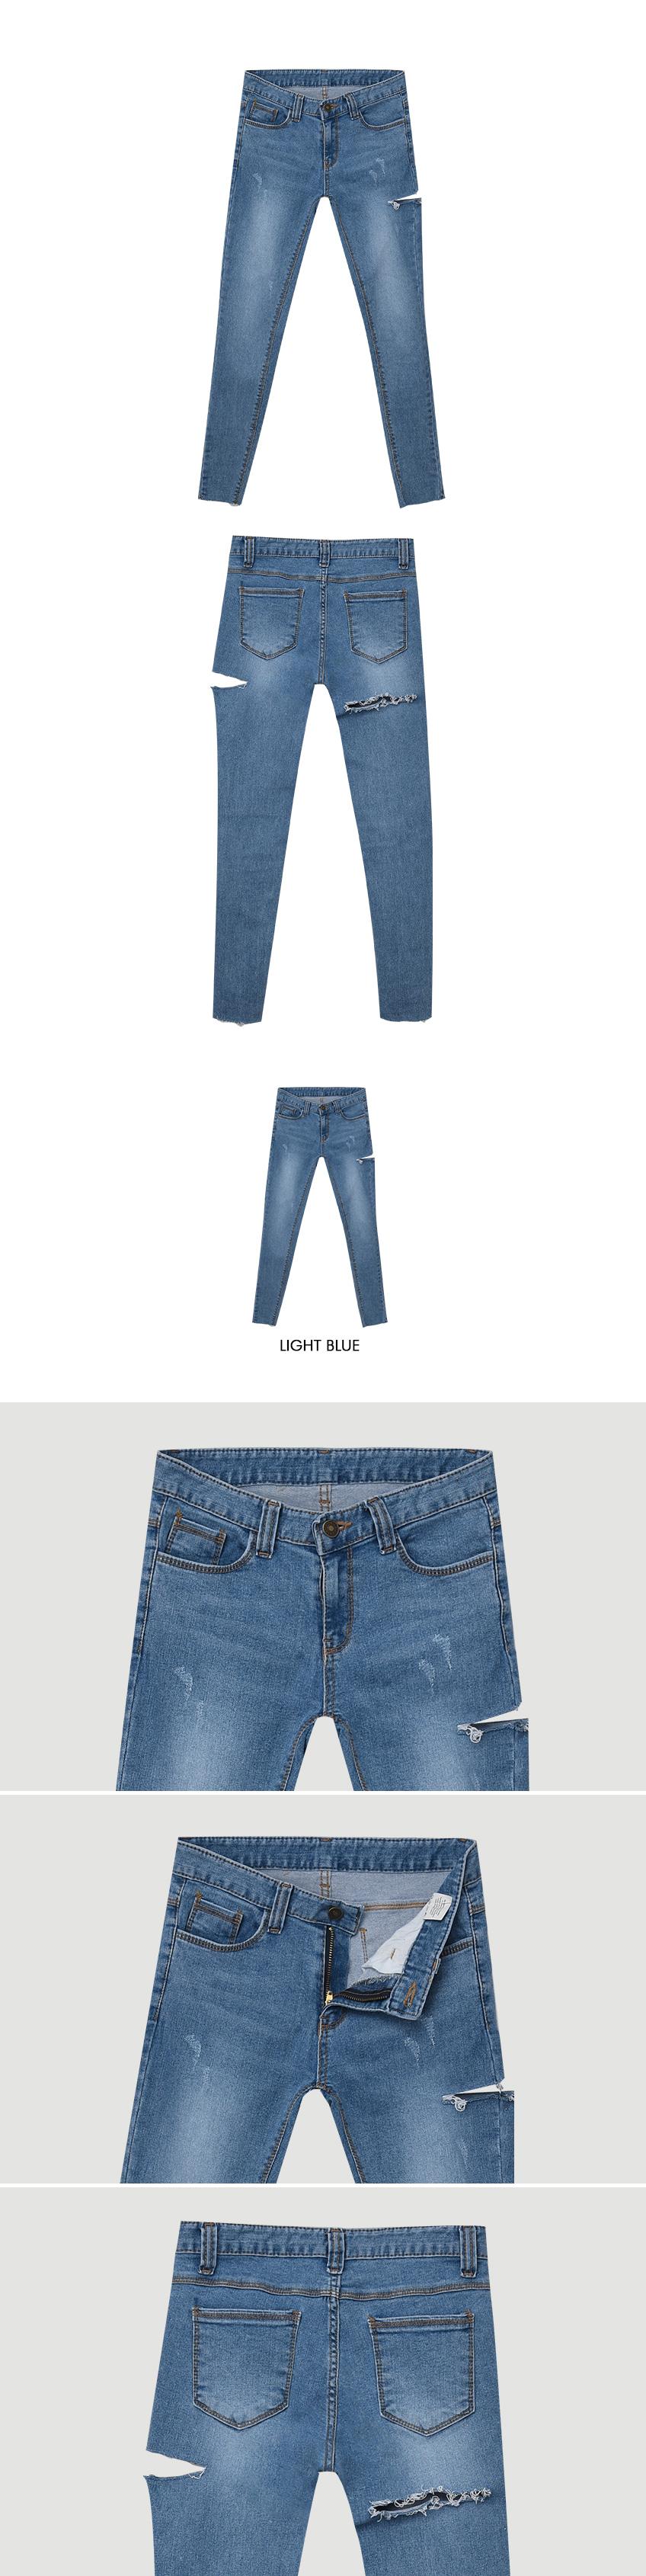 Back Damage Denim Pants